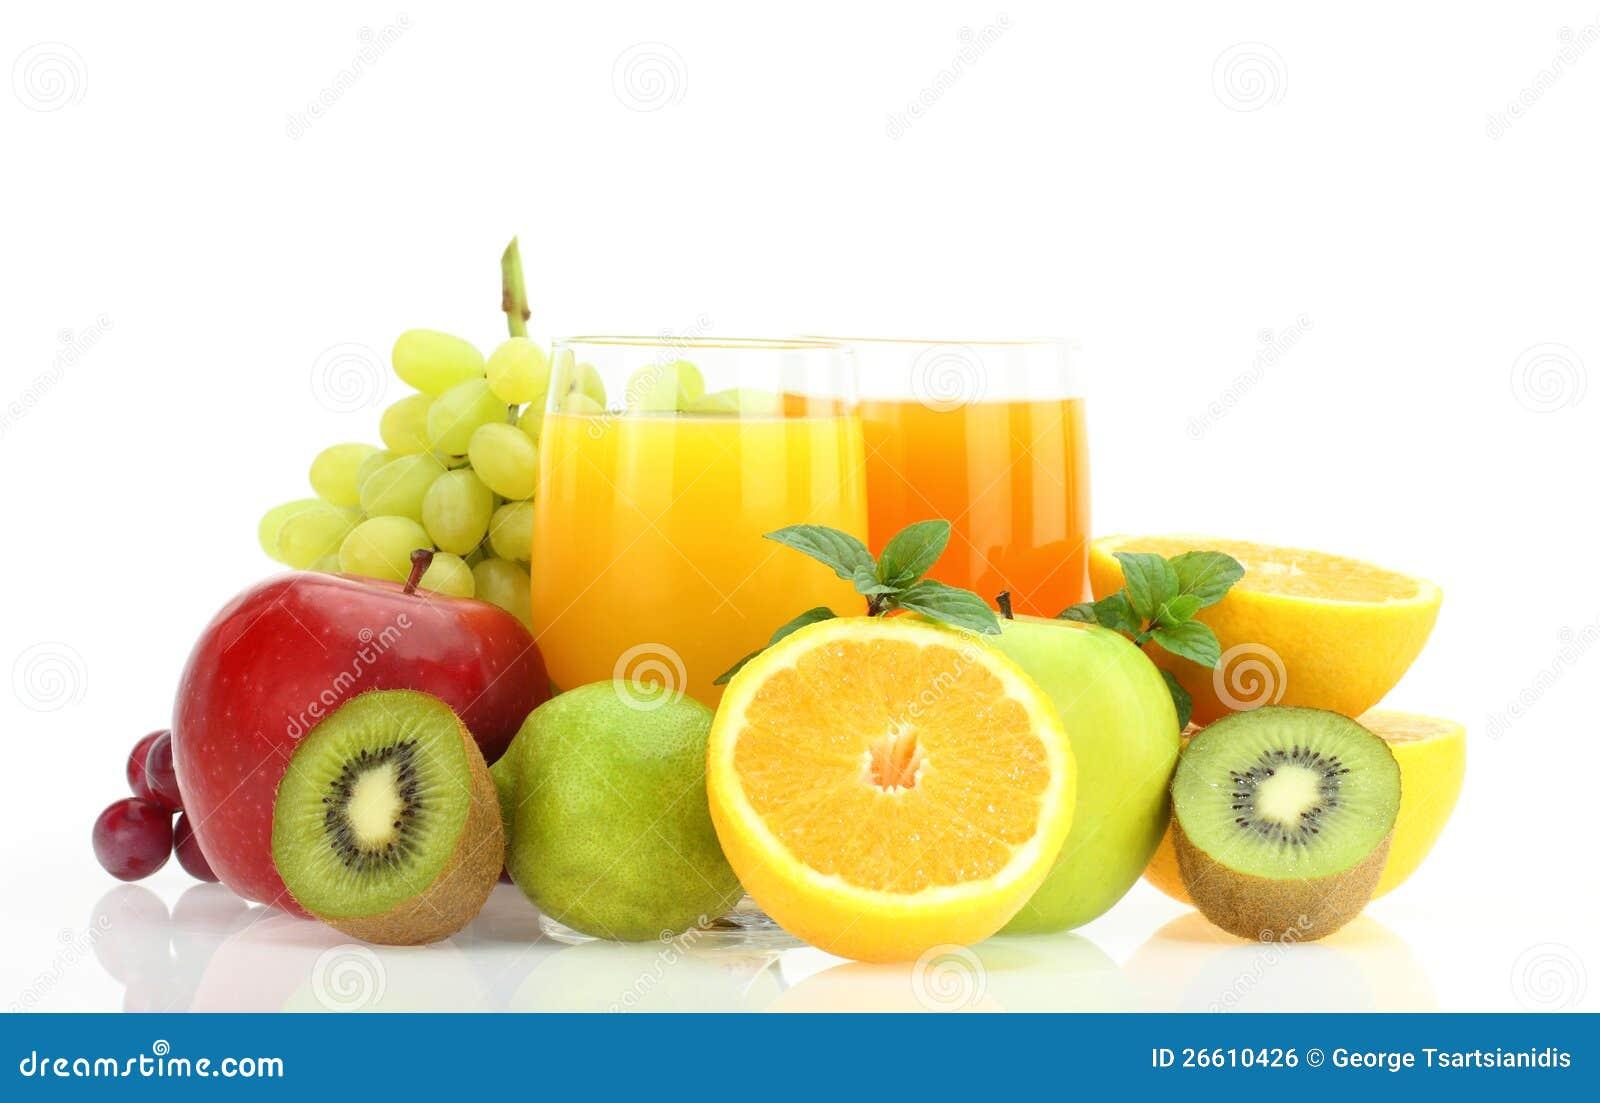 Fruits frais et jus photo stock image du r gime frais - Conservation jus de fruit frais ...